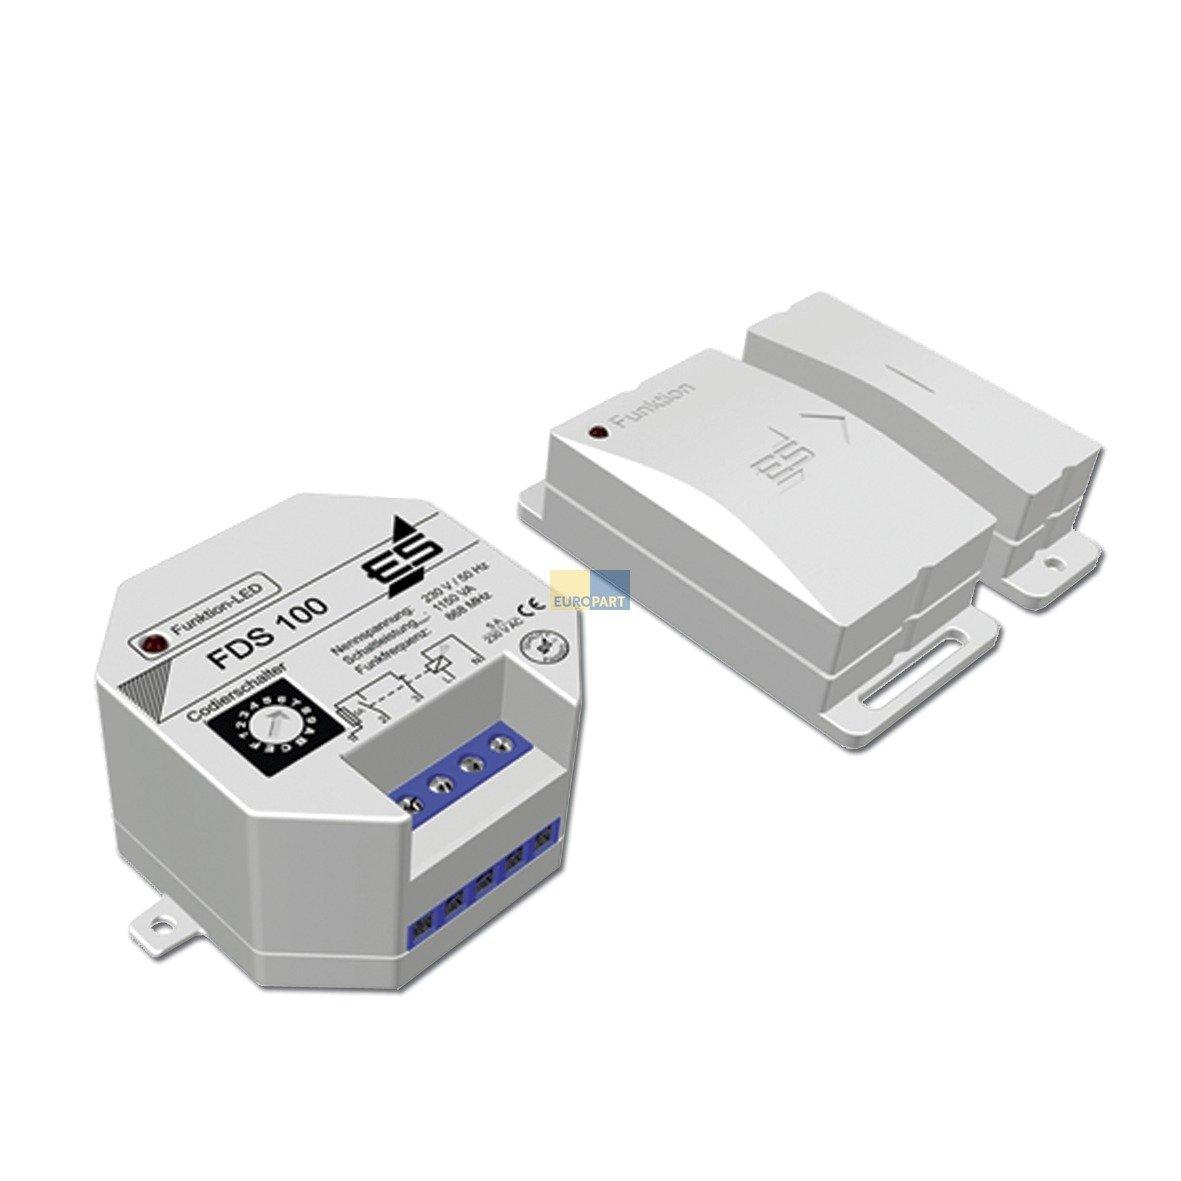 Zuluftfensterschaltung FDS100 Funkü berwachungssystem Sicherheitsabluftsteuerung Dunstabzugshaube Alternativ